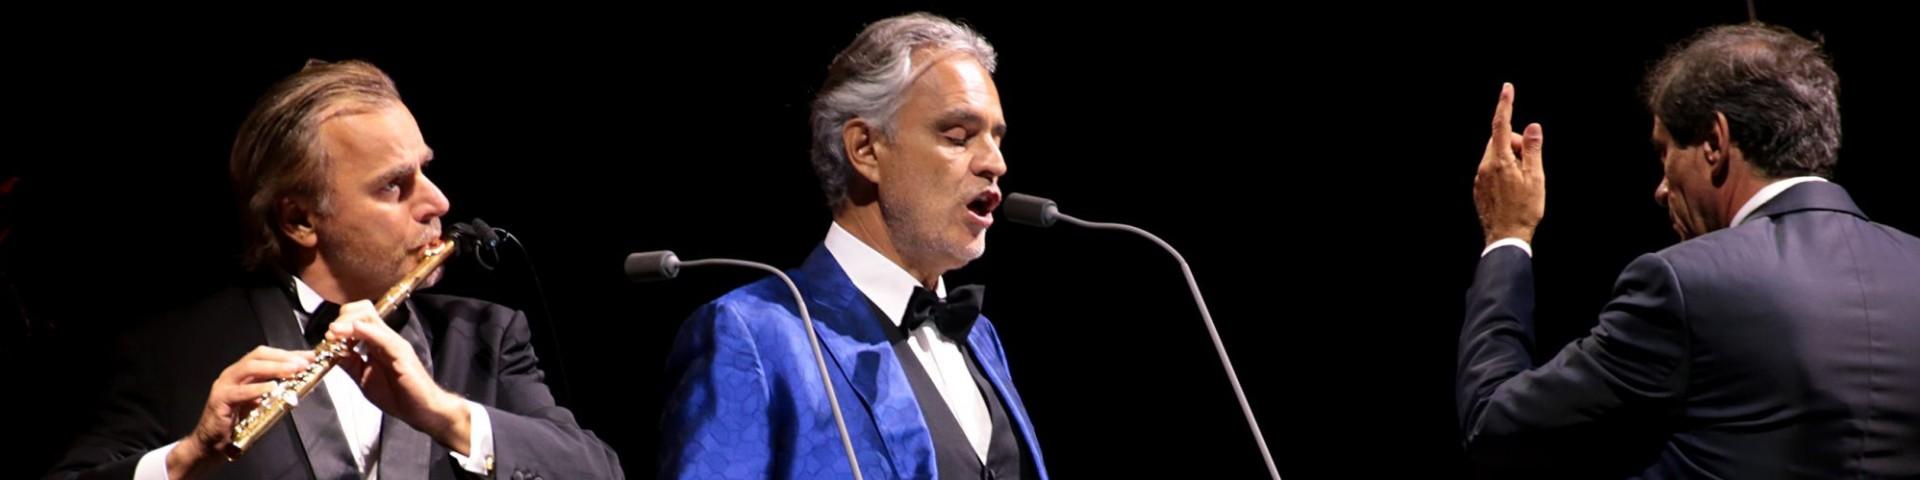 Concerto di Andrea Bocelli a Pasqua: come vederlo in streaming